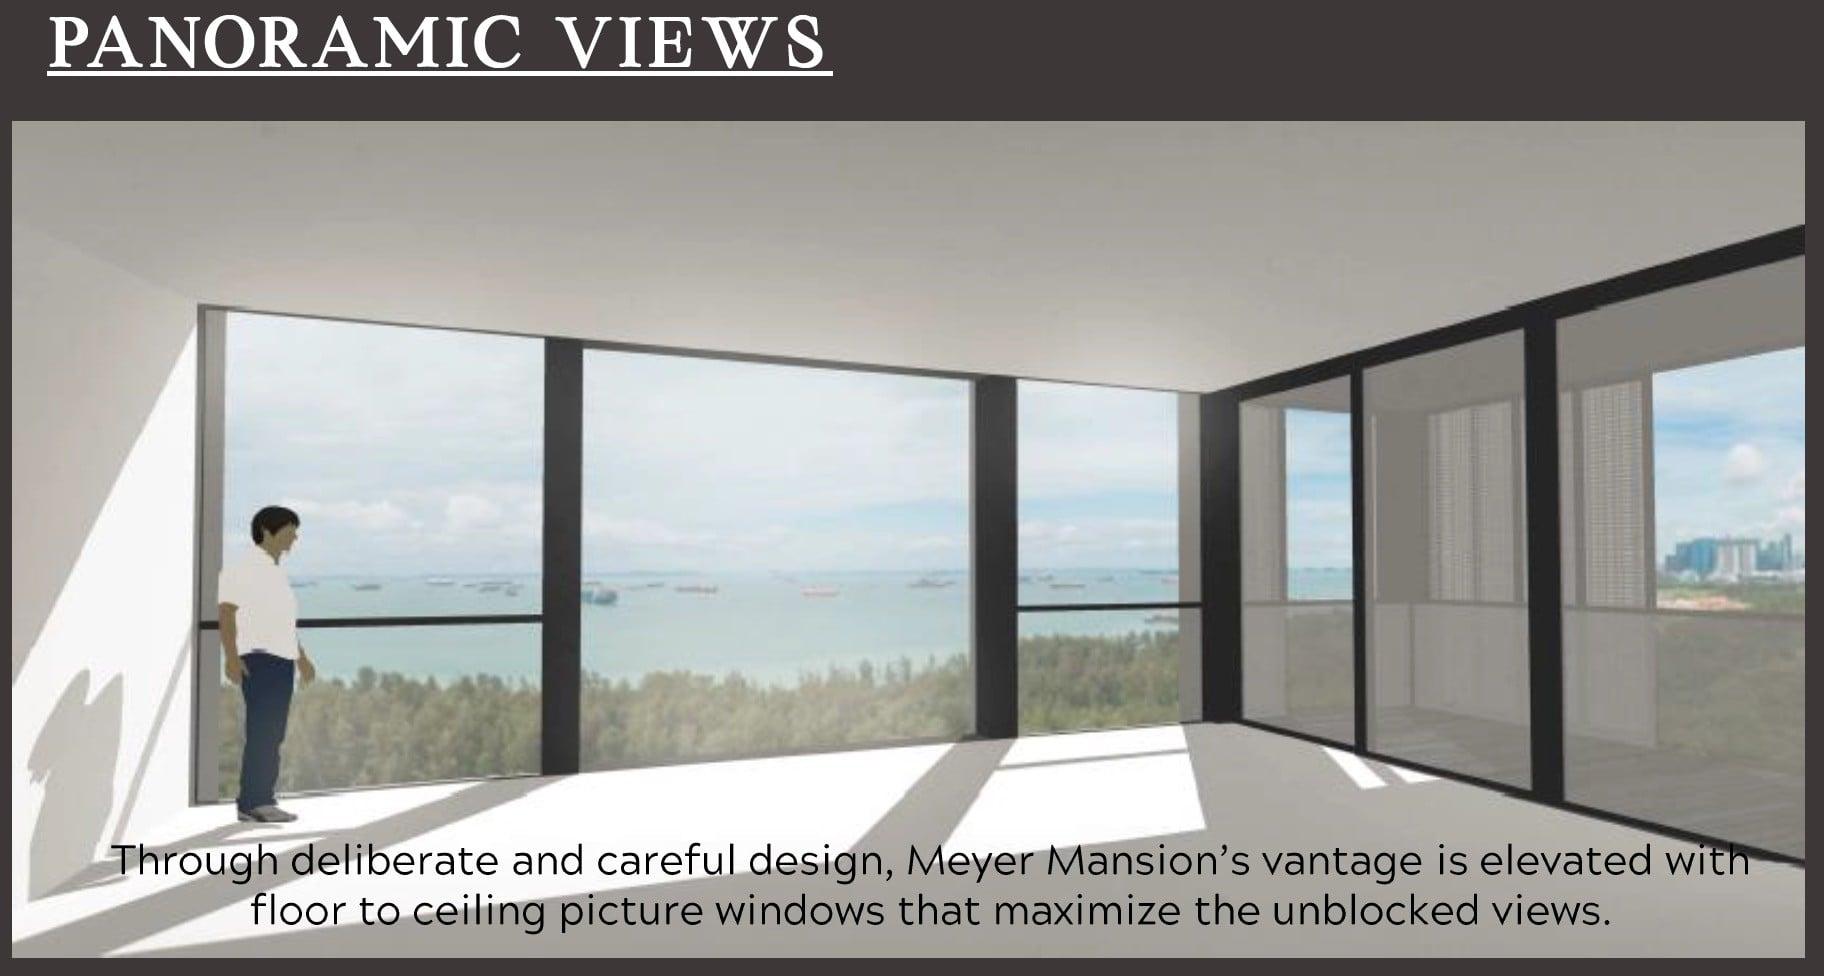 Meyer-Mansion-Paranomic View 2